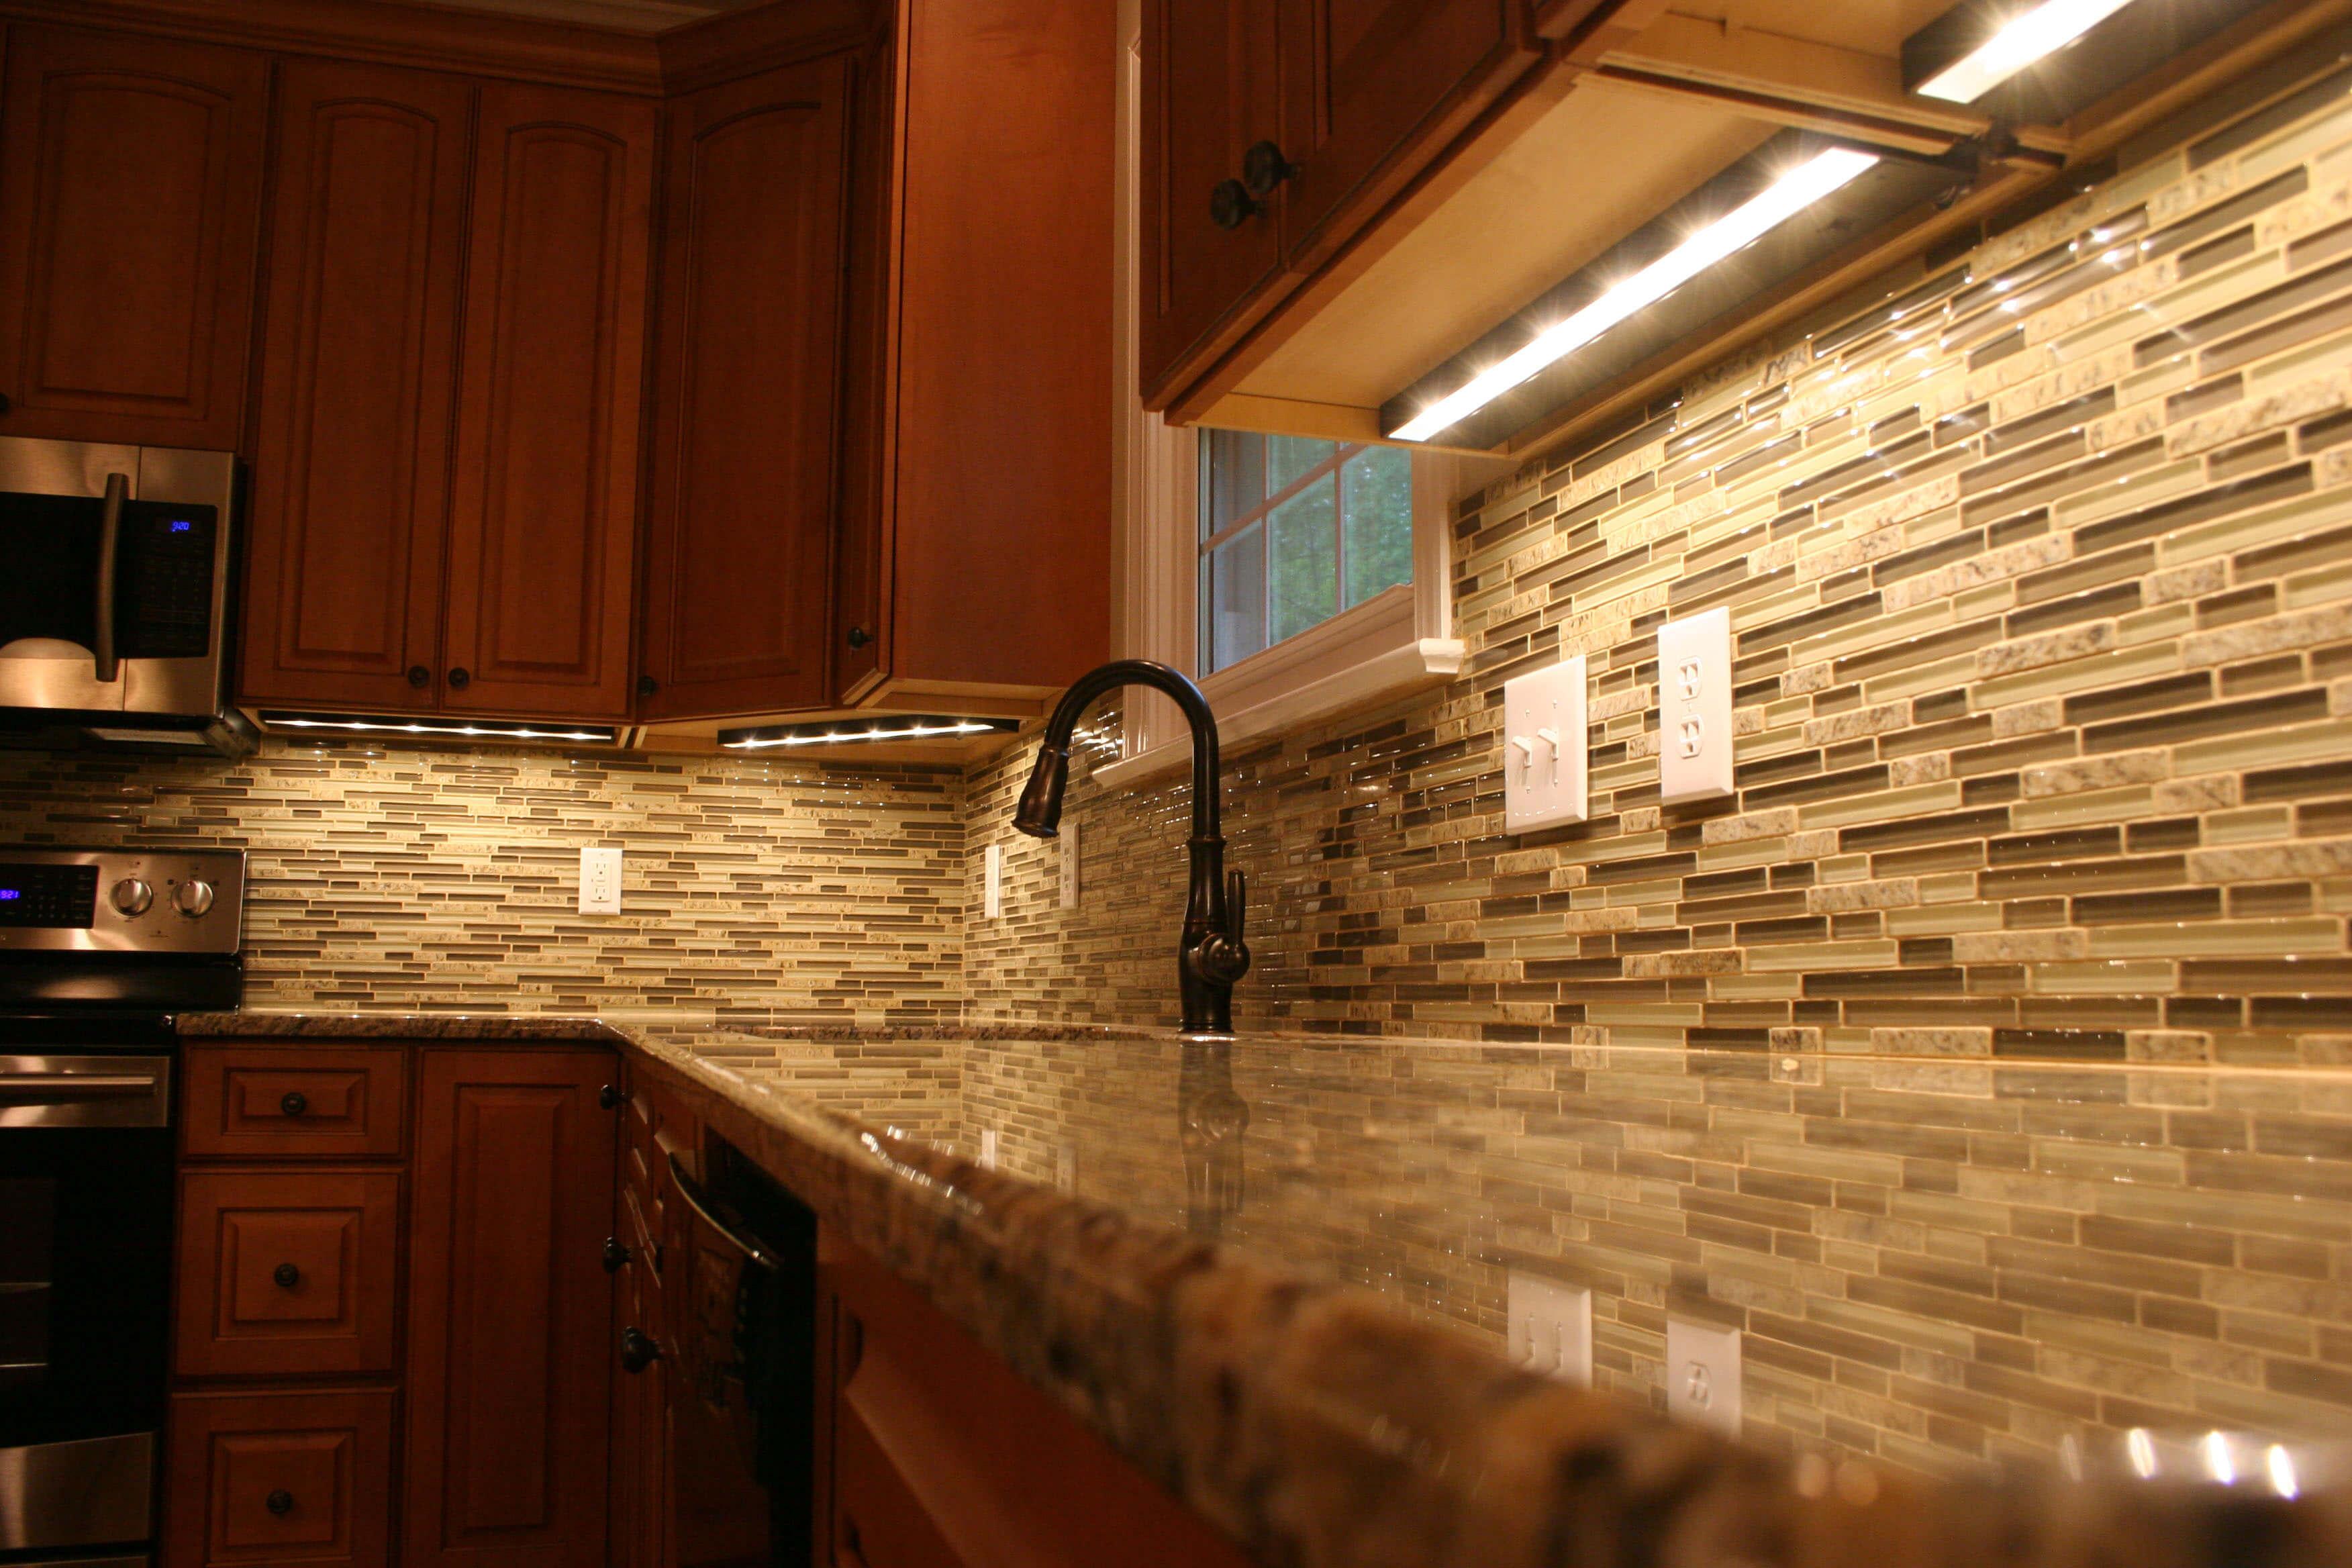 kitchen renovation with tile backsplash